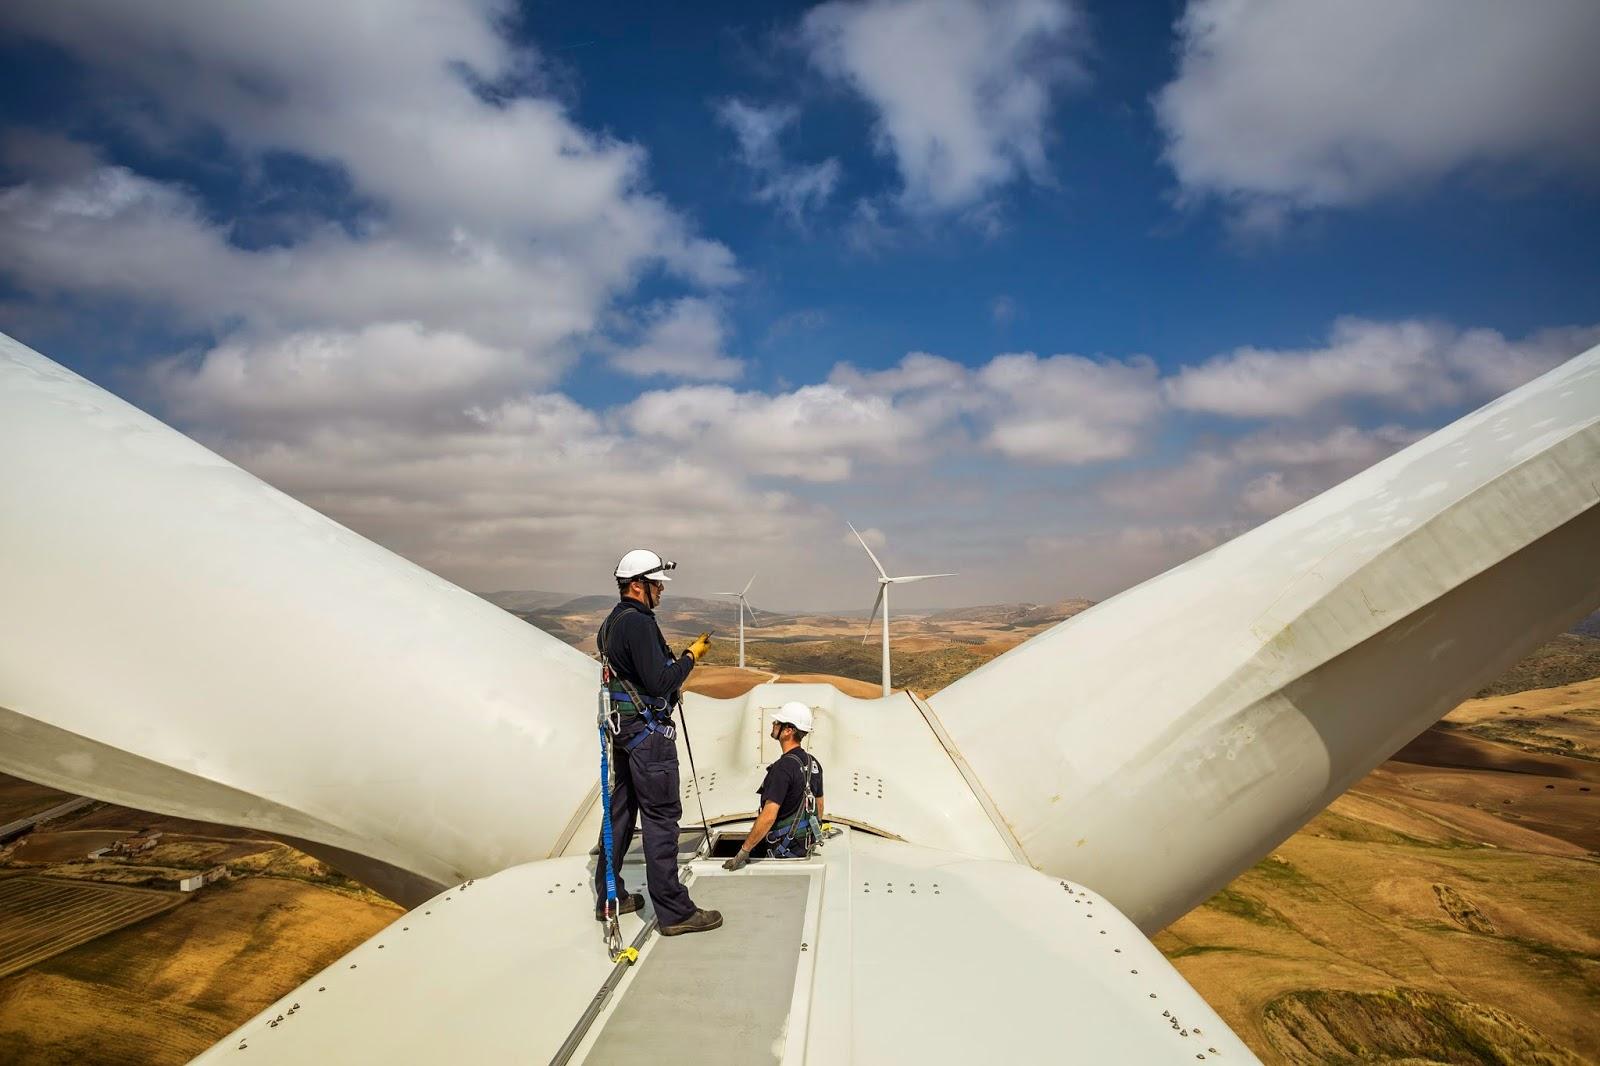 Eólica: Entraron en operaciones el Parque Eólico San Jorge y El Mataco